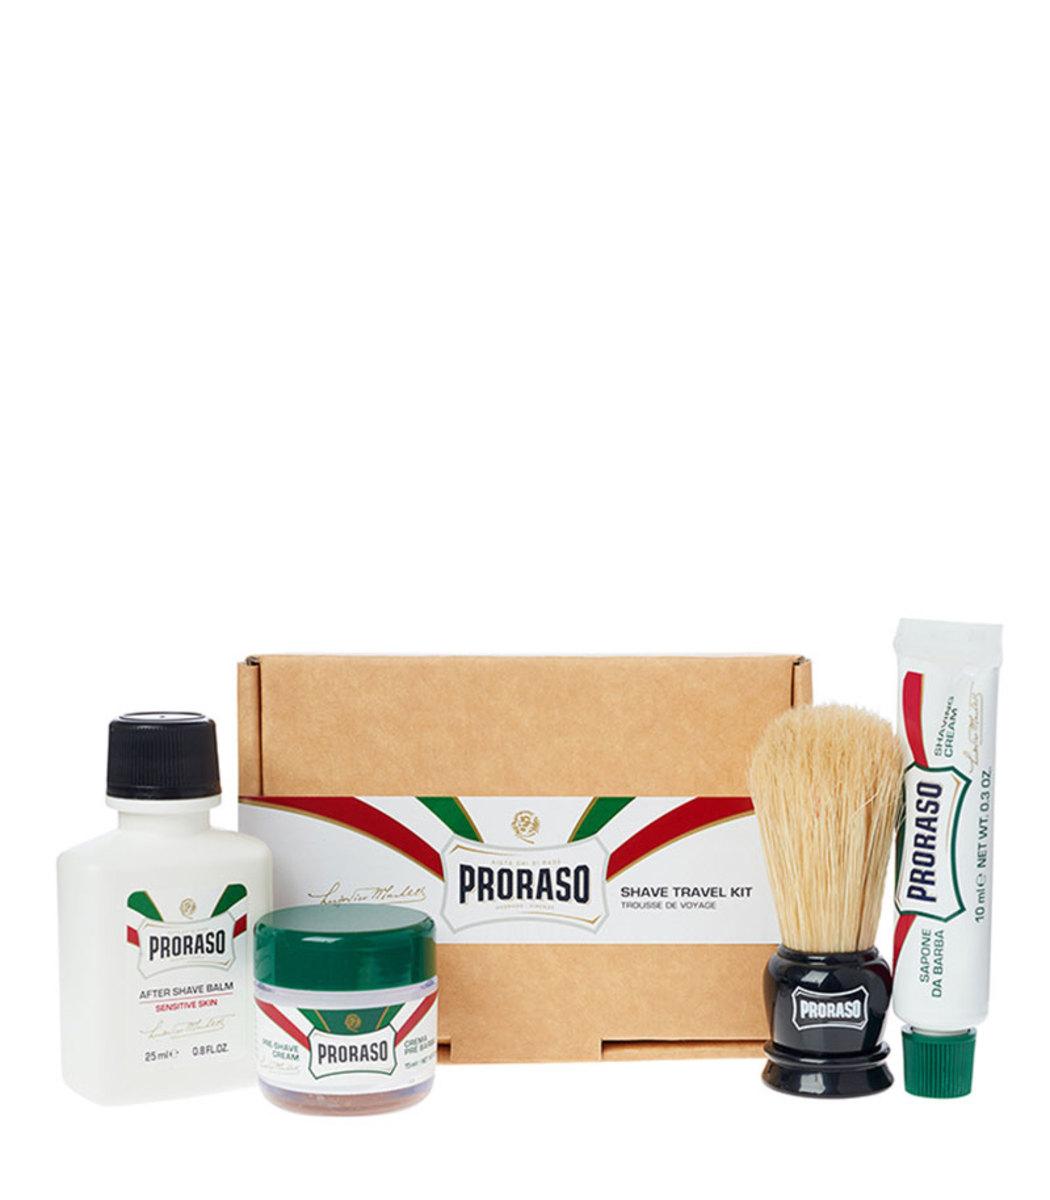 Proraso Travel Shaving Kit In N/a